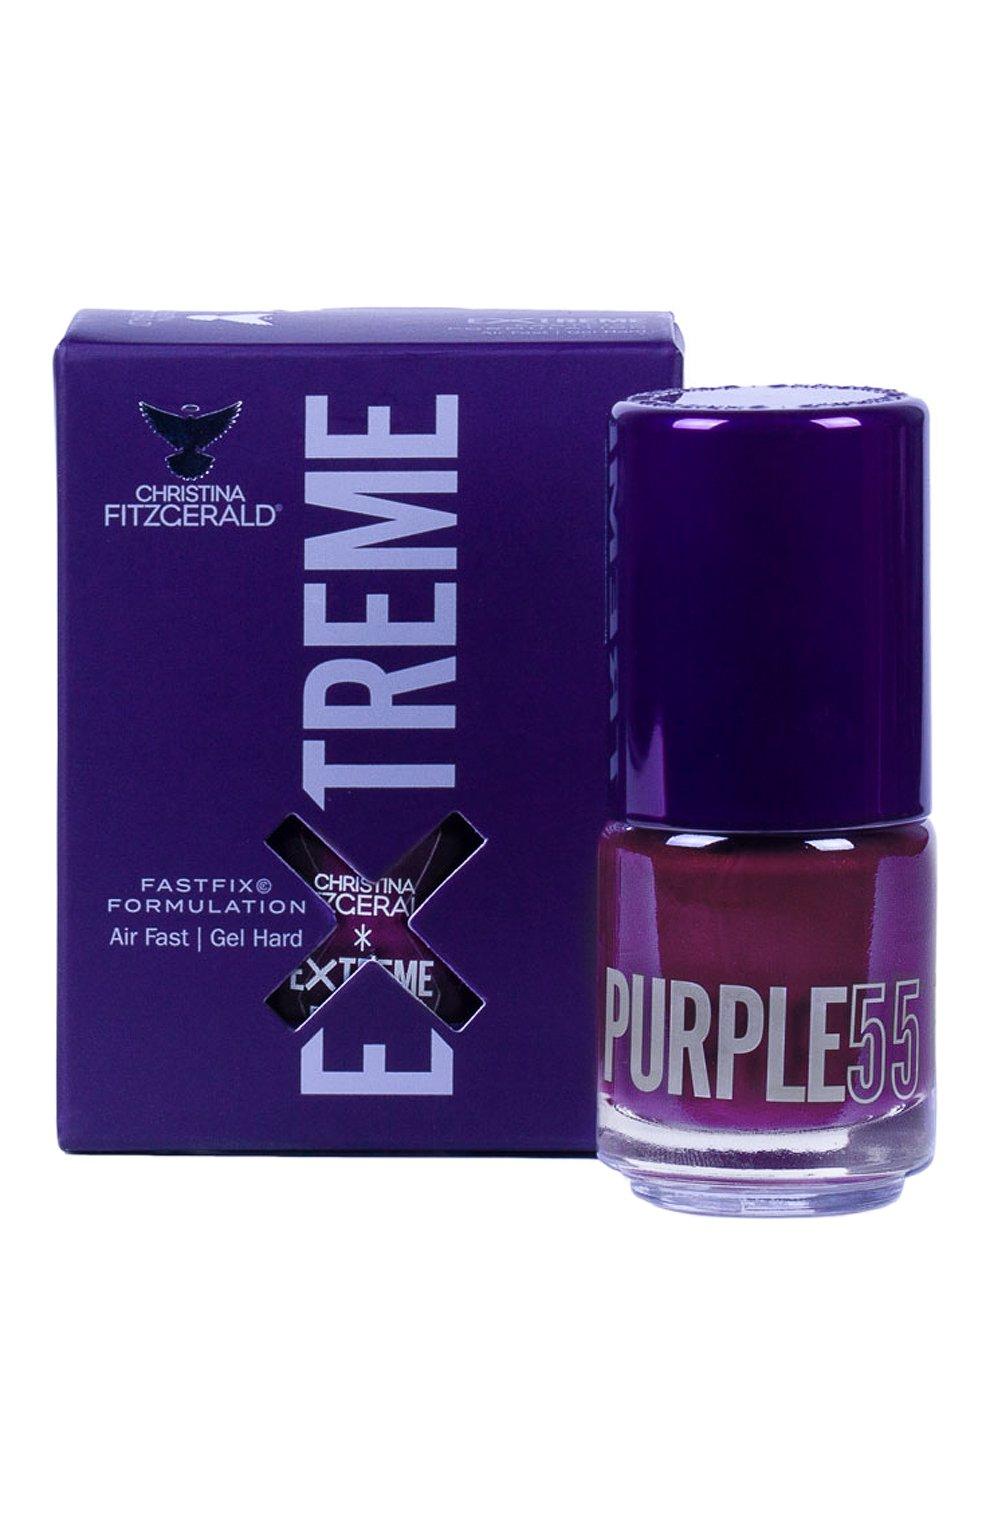 Женский лак для ногтей extreme, оттенок purple 55 CHRISTINA FITZGERALD бесцветного цвета, арт. 9333381005441 | Фото 1